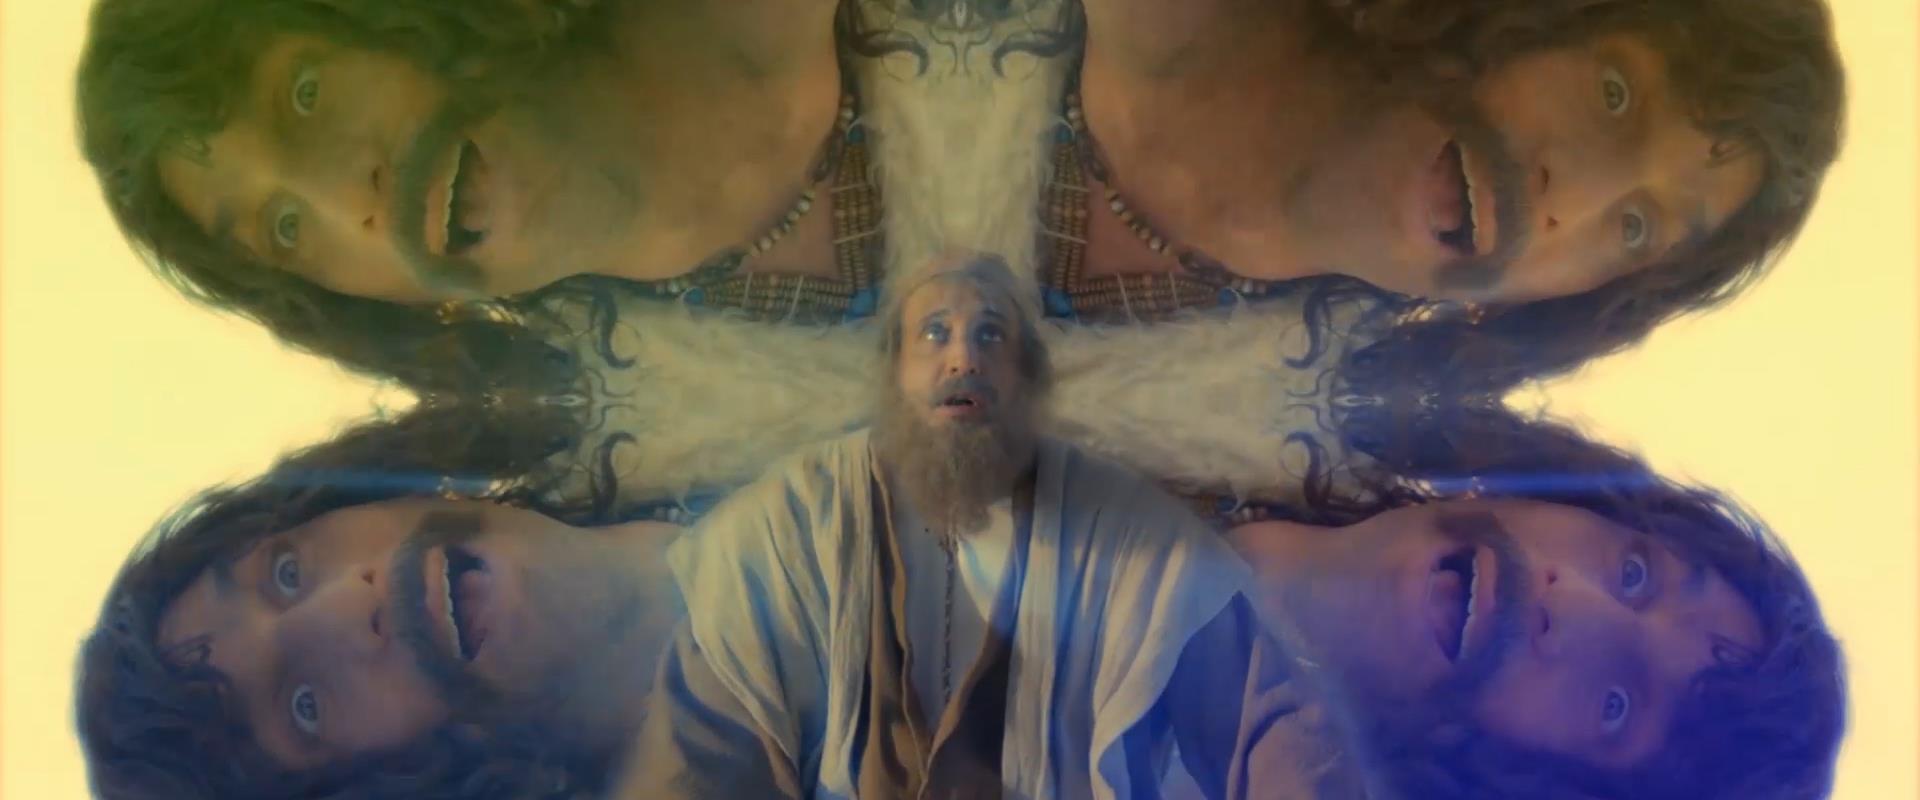 היהודים באים | עונה 4 - פרק 15